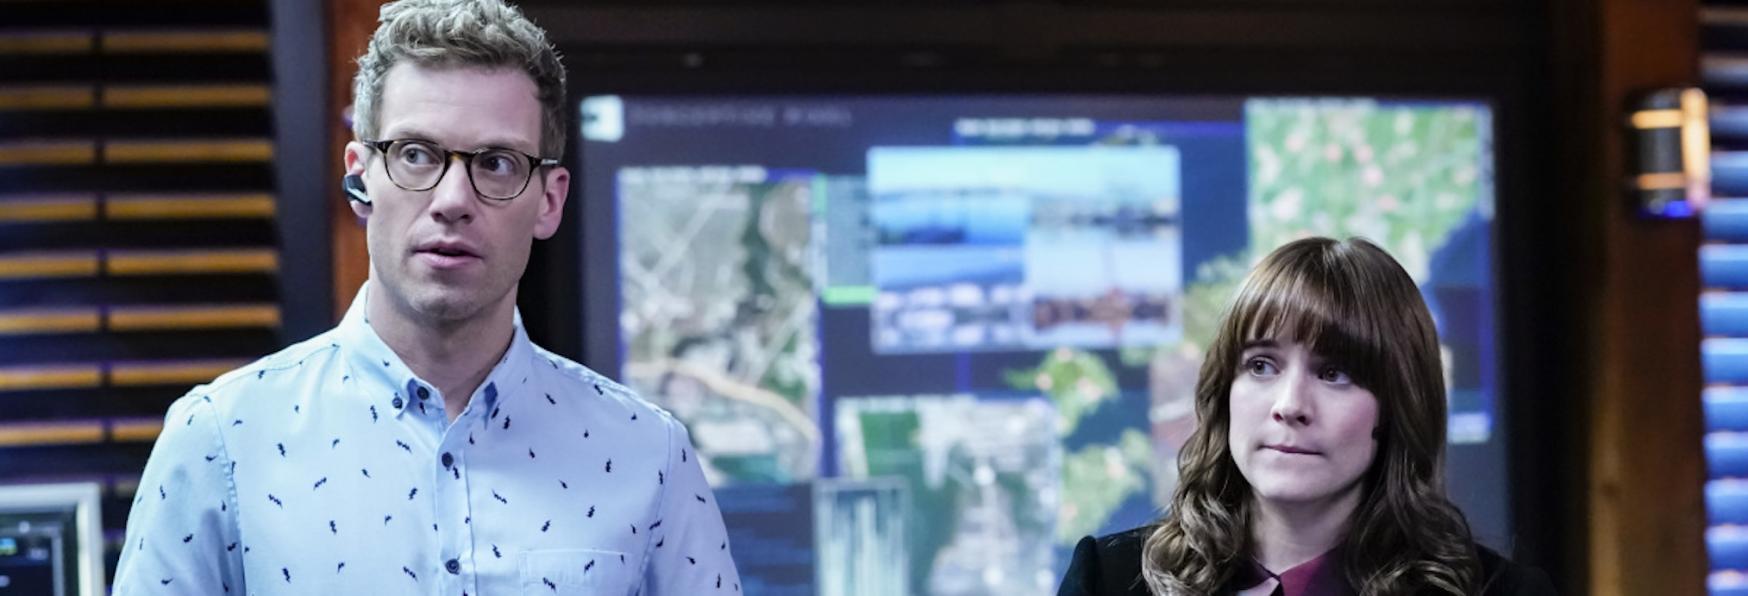 NCIS: Los Angeles - due Attori lasceranno presto la Serie TV